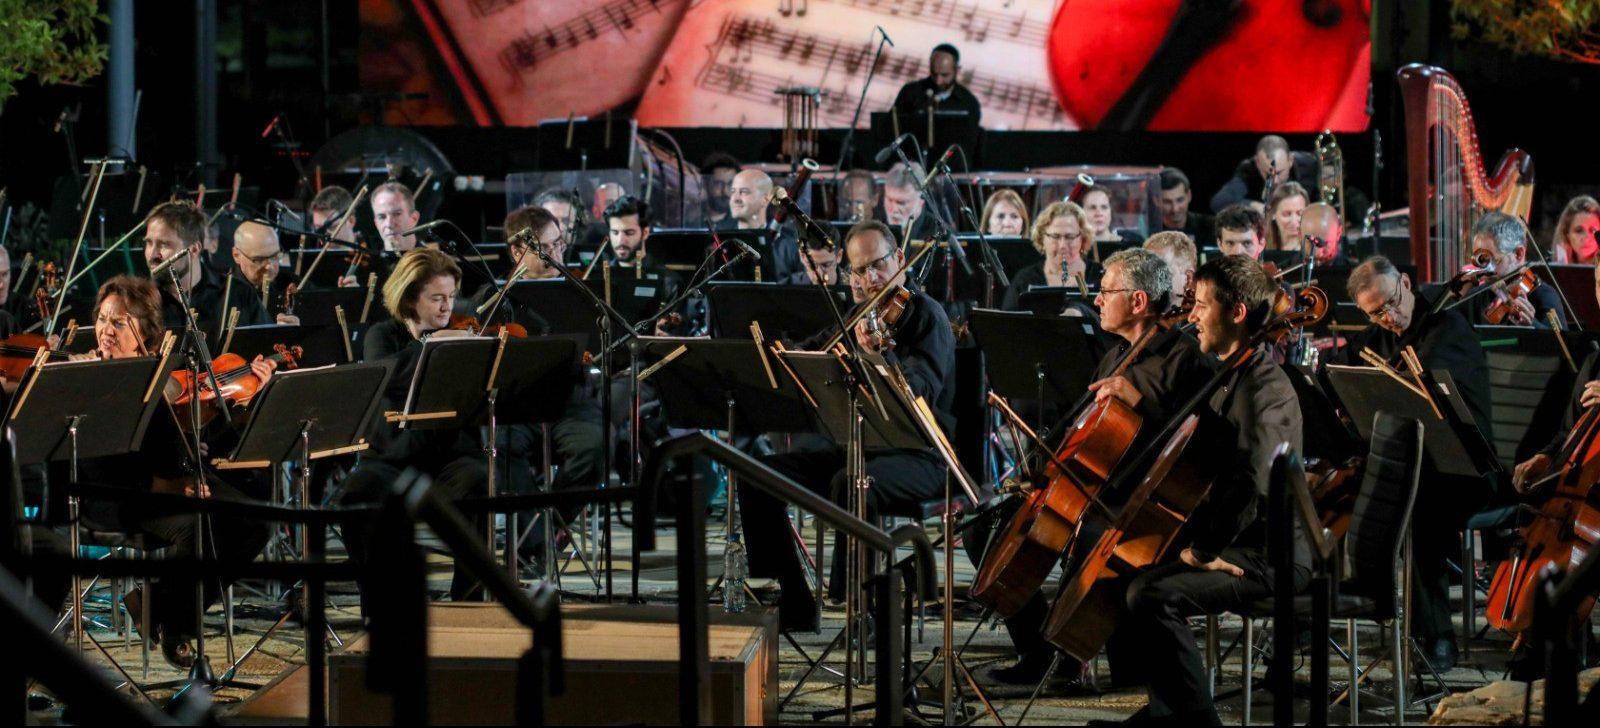 הפילהרמונית הישראלית The Israeli Philharmonic